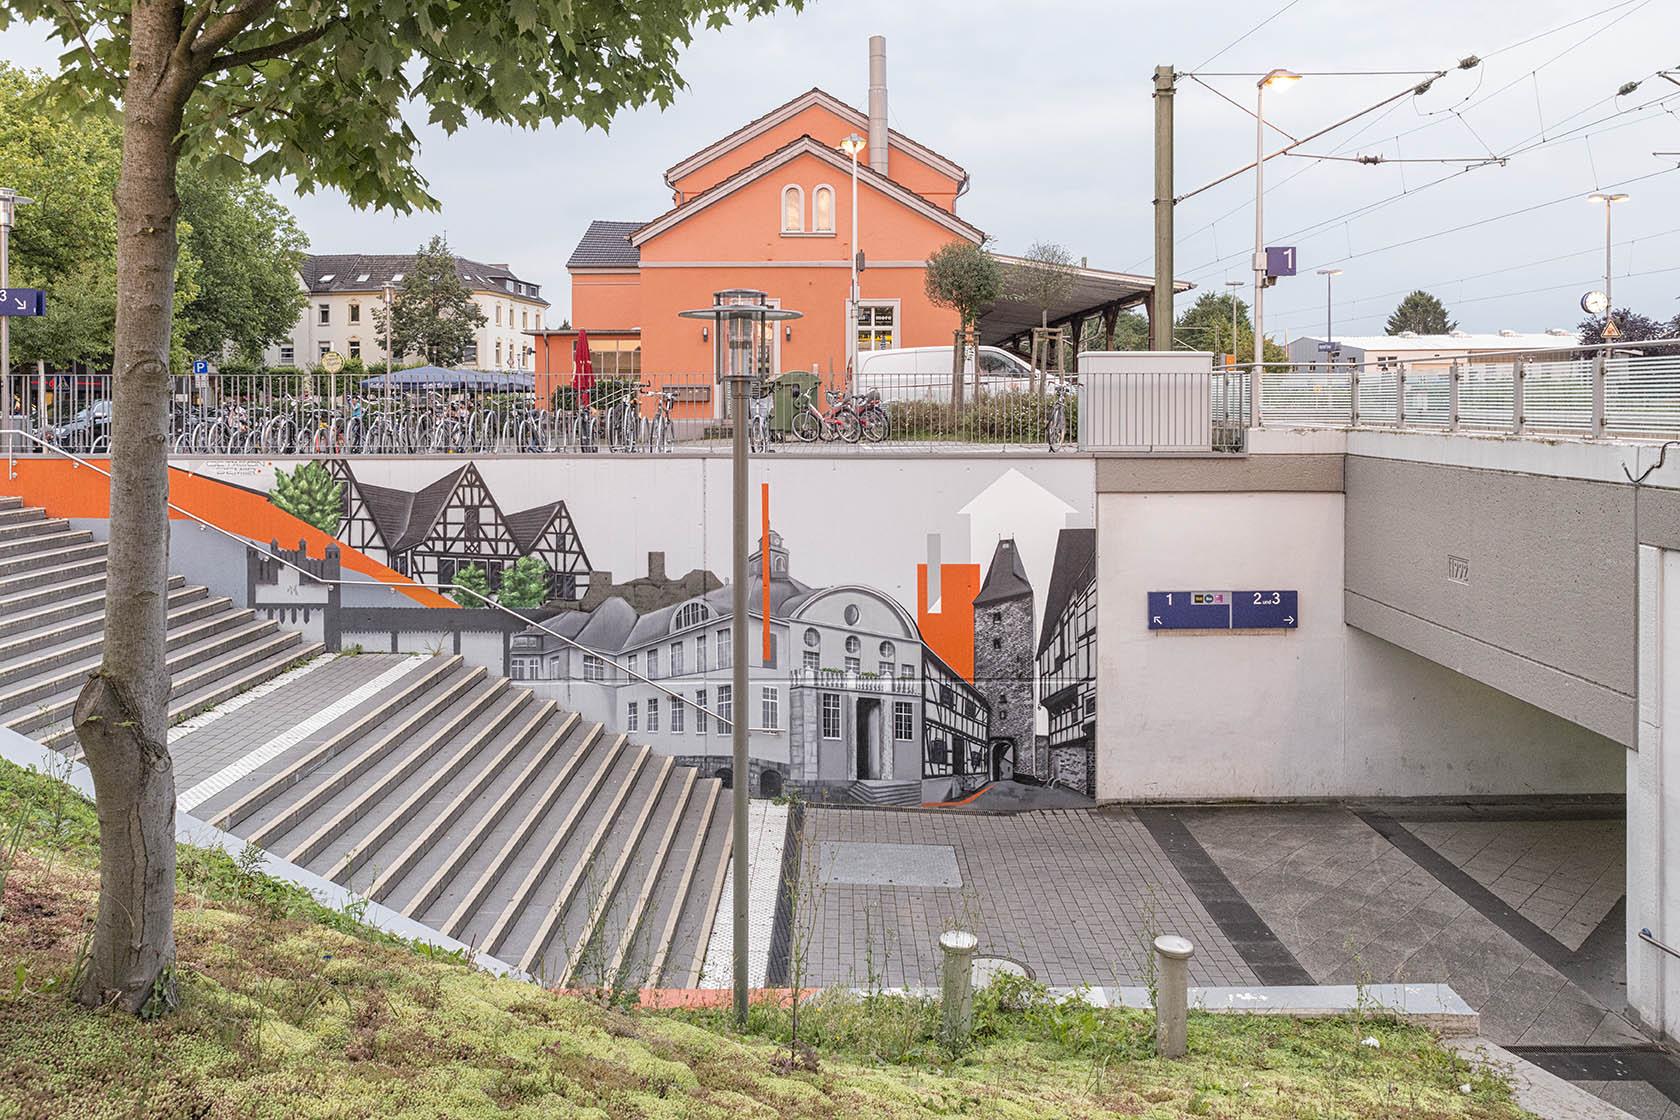 Hennef (Sieg), Empfangsgebäude und Infrastuktur